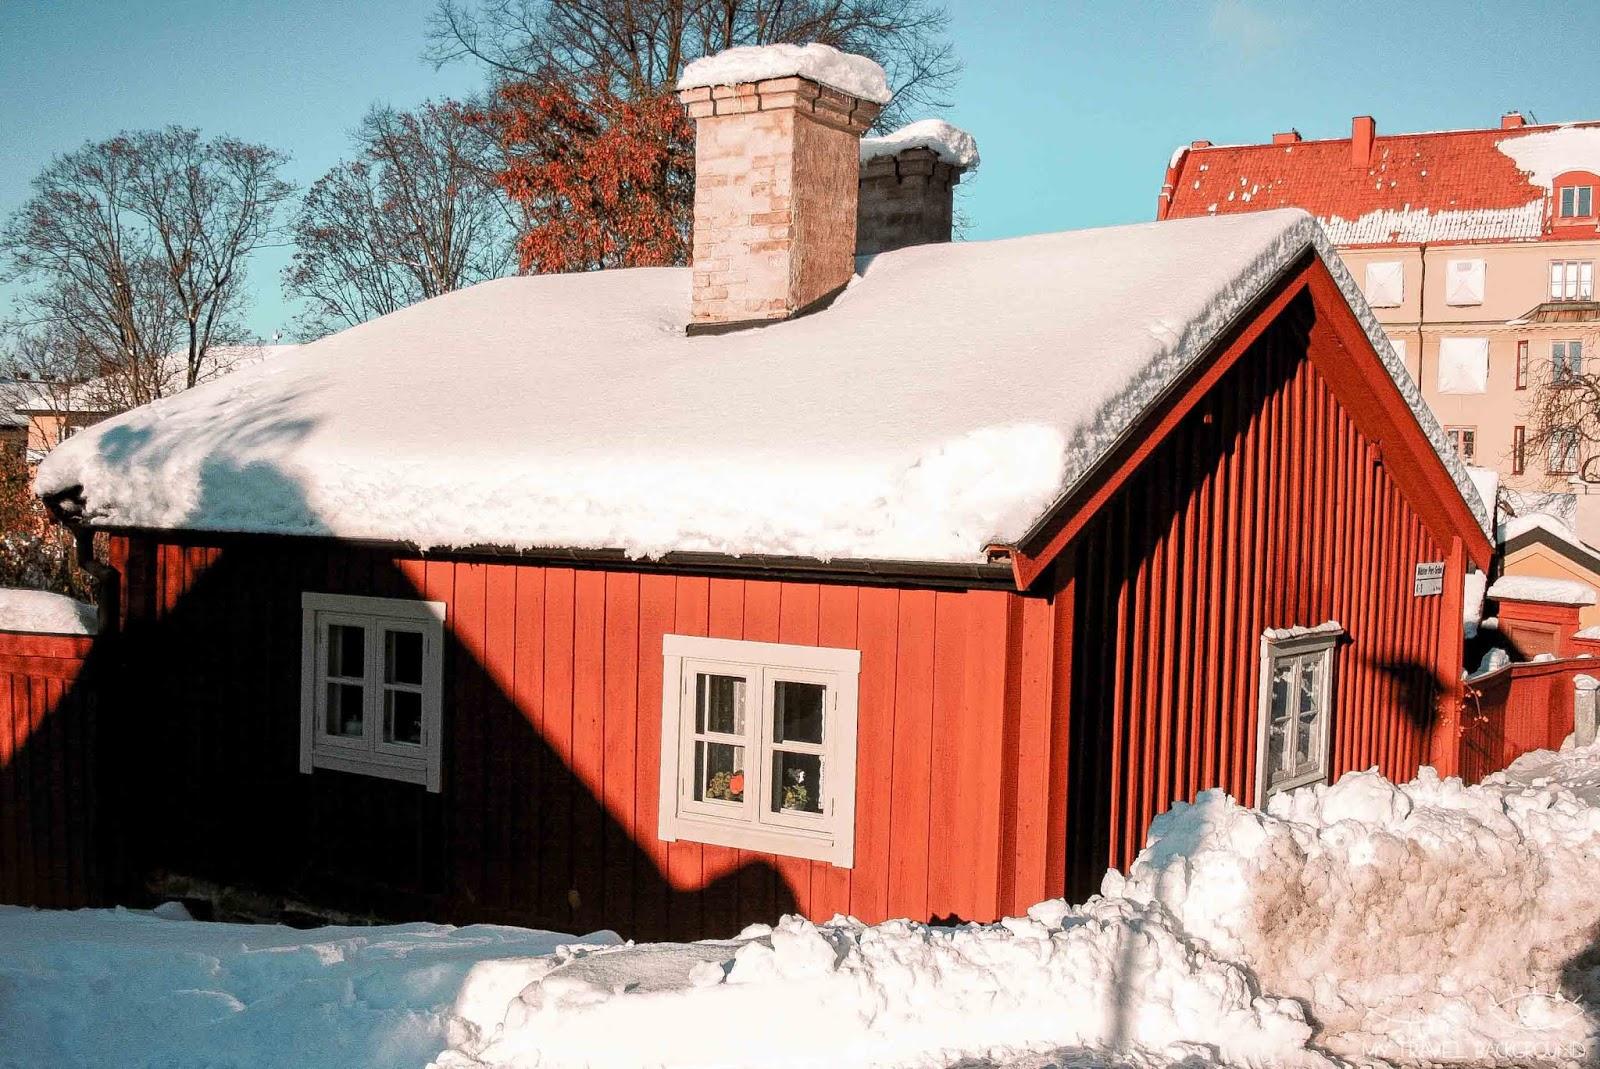 My Travel Background : Visiter Stockholm, mes immanquables - Colline de Sofia Kyrka Sodermalm